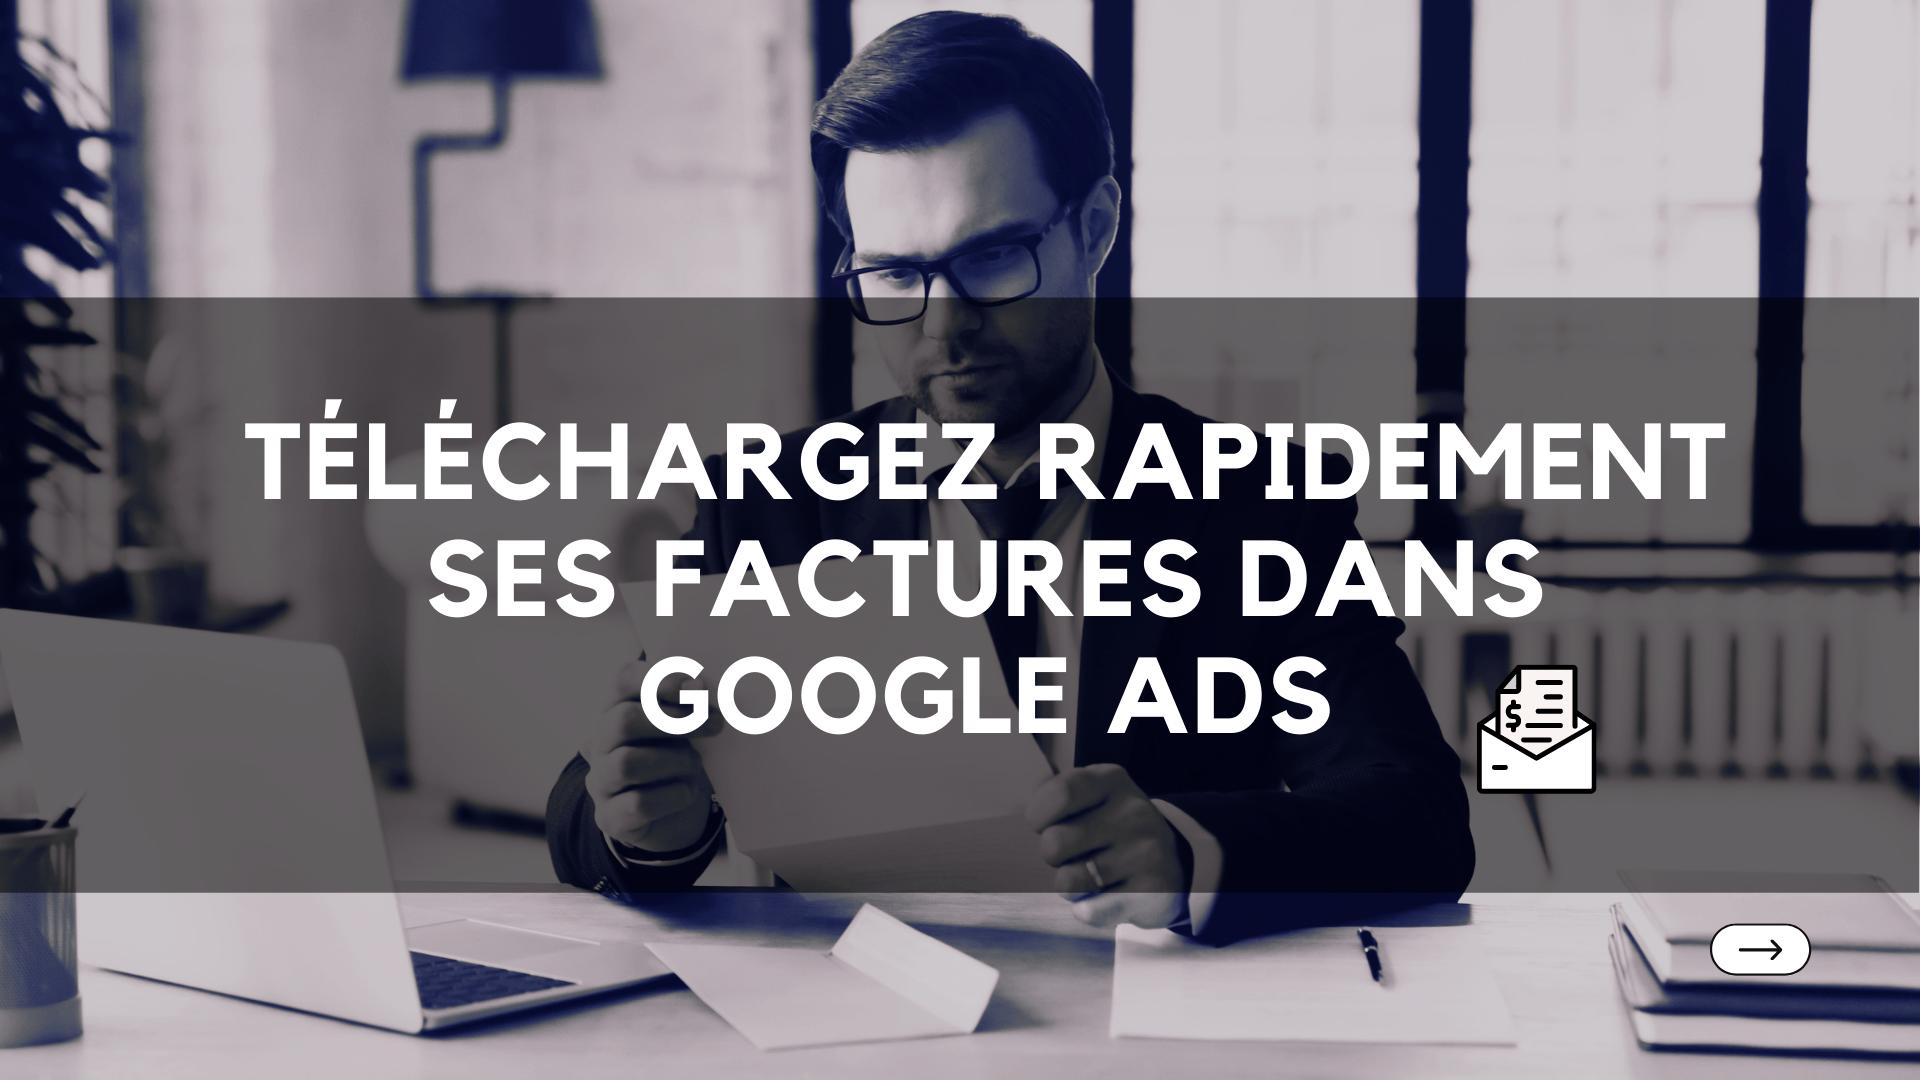 Facture Google